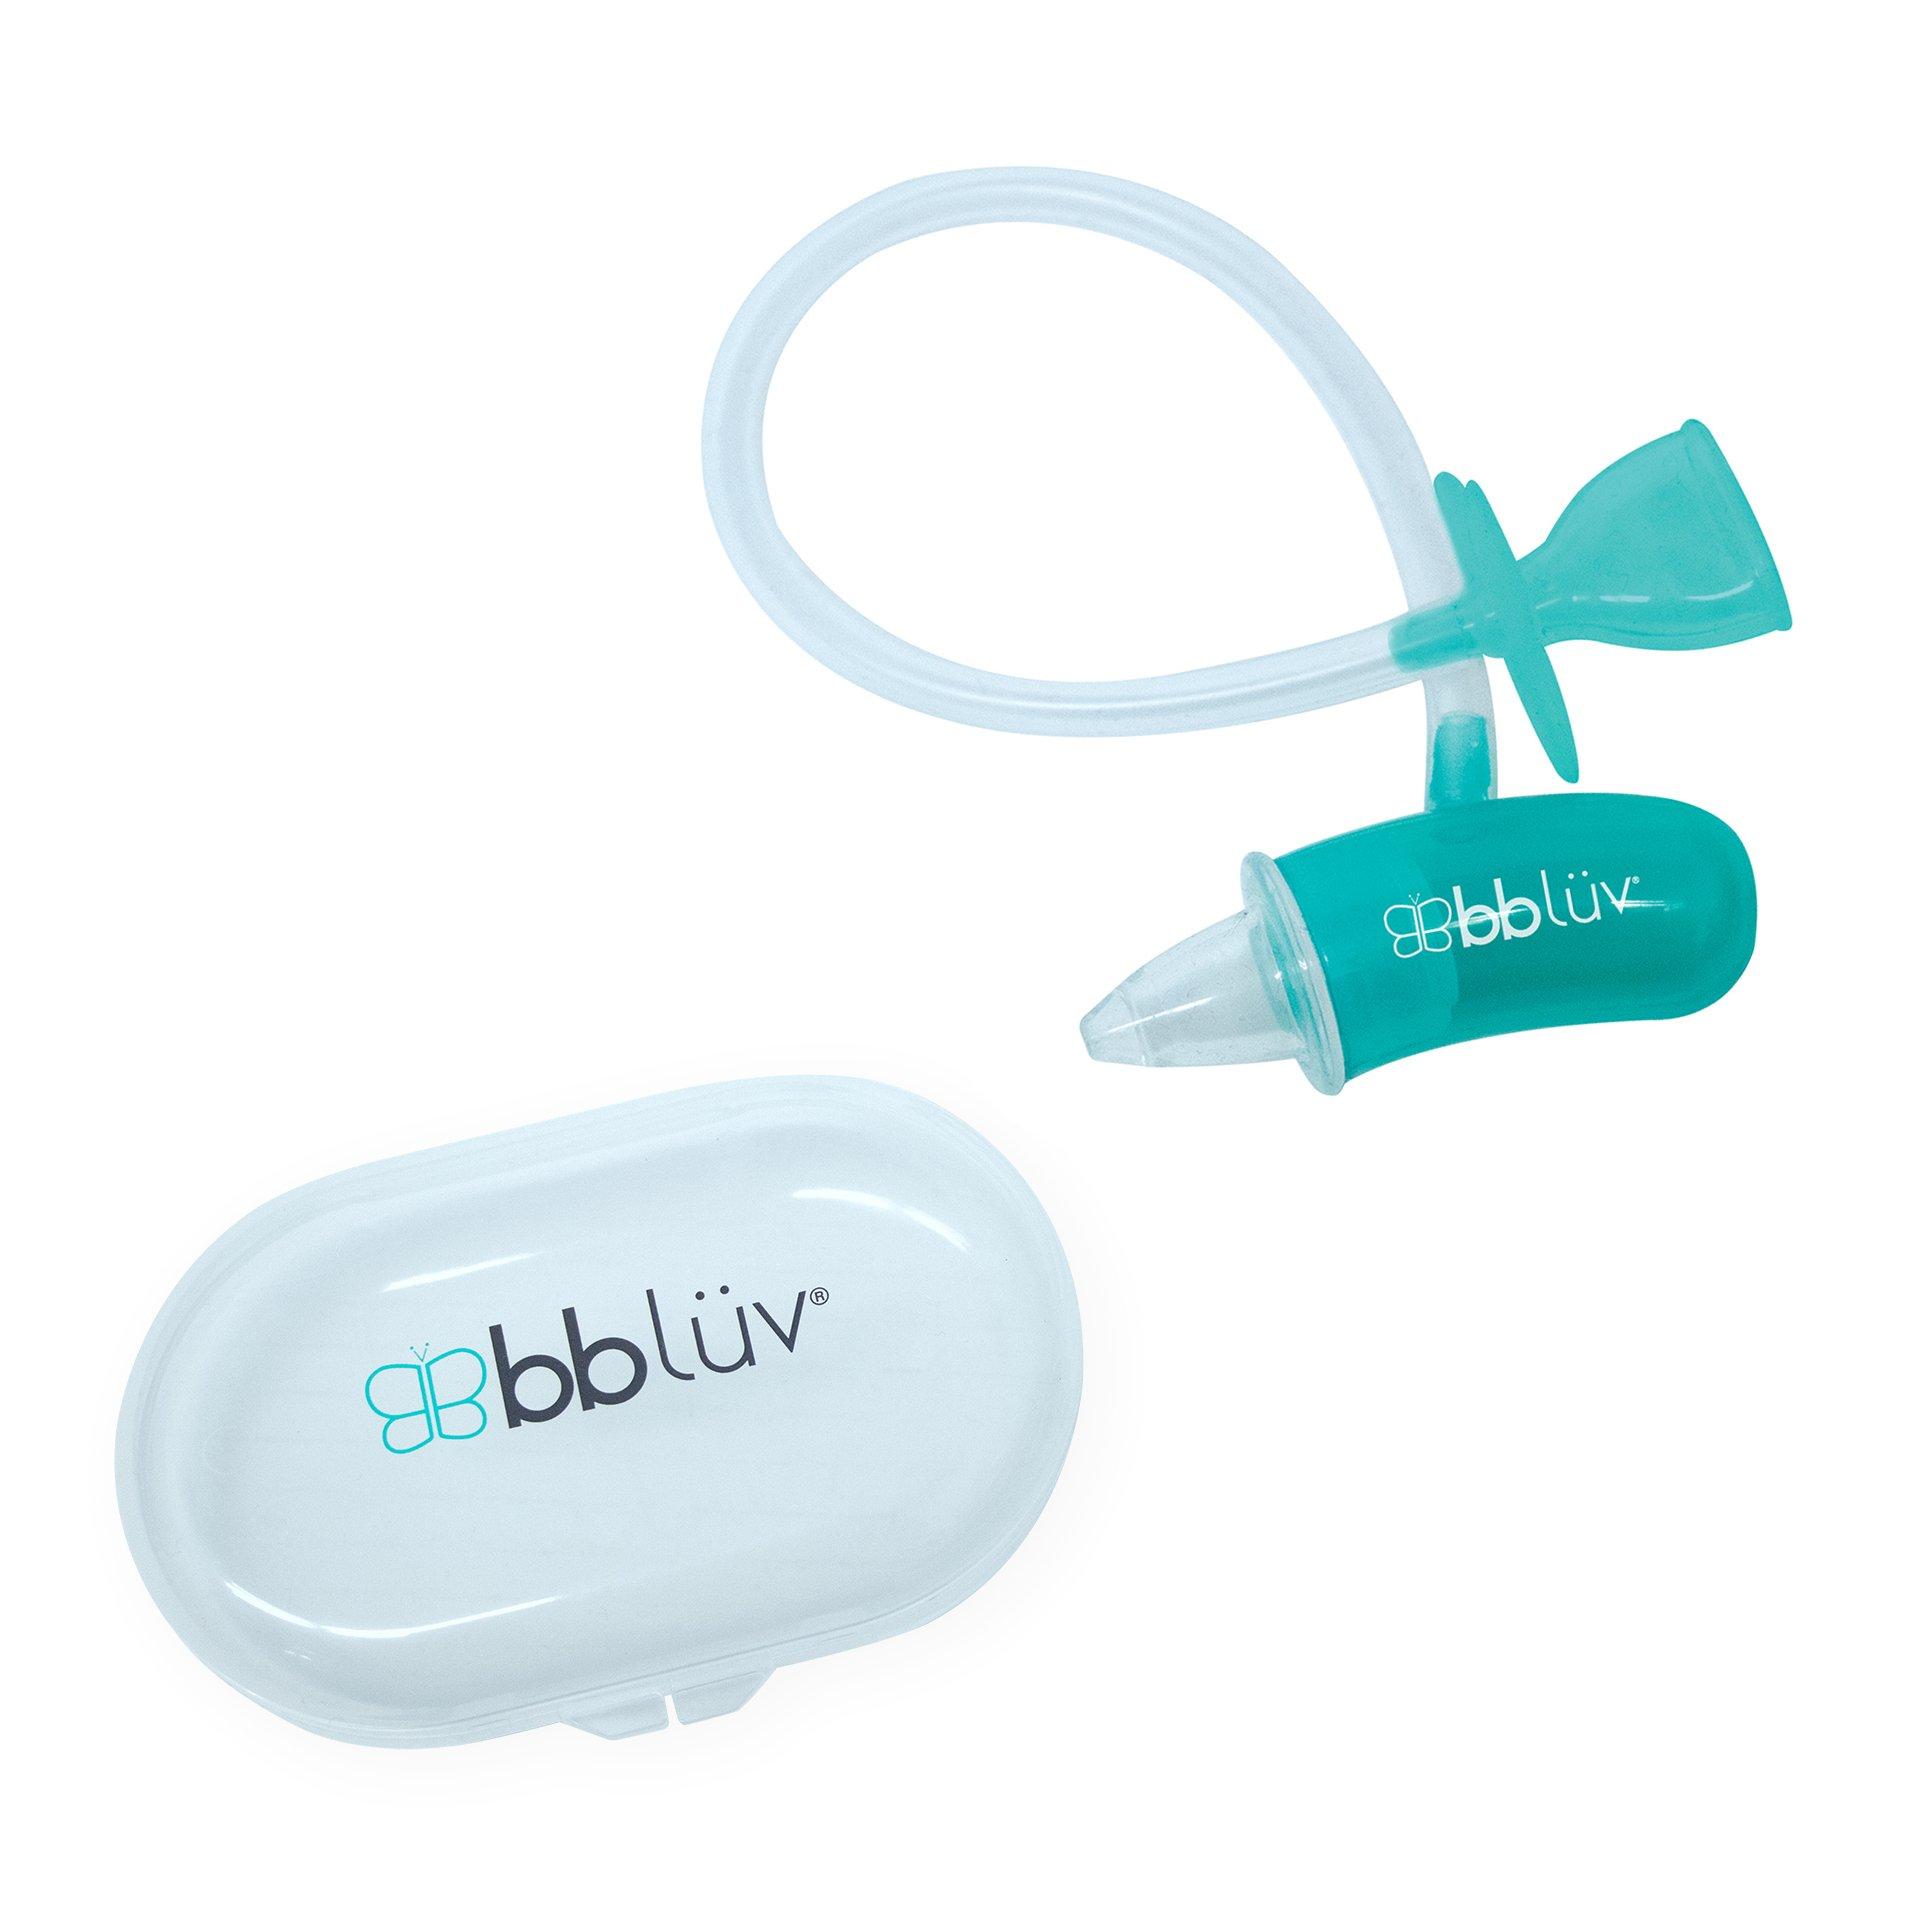 Nöze - Filter-Free Nasal Aspirator